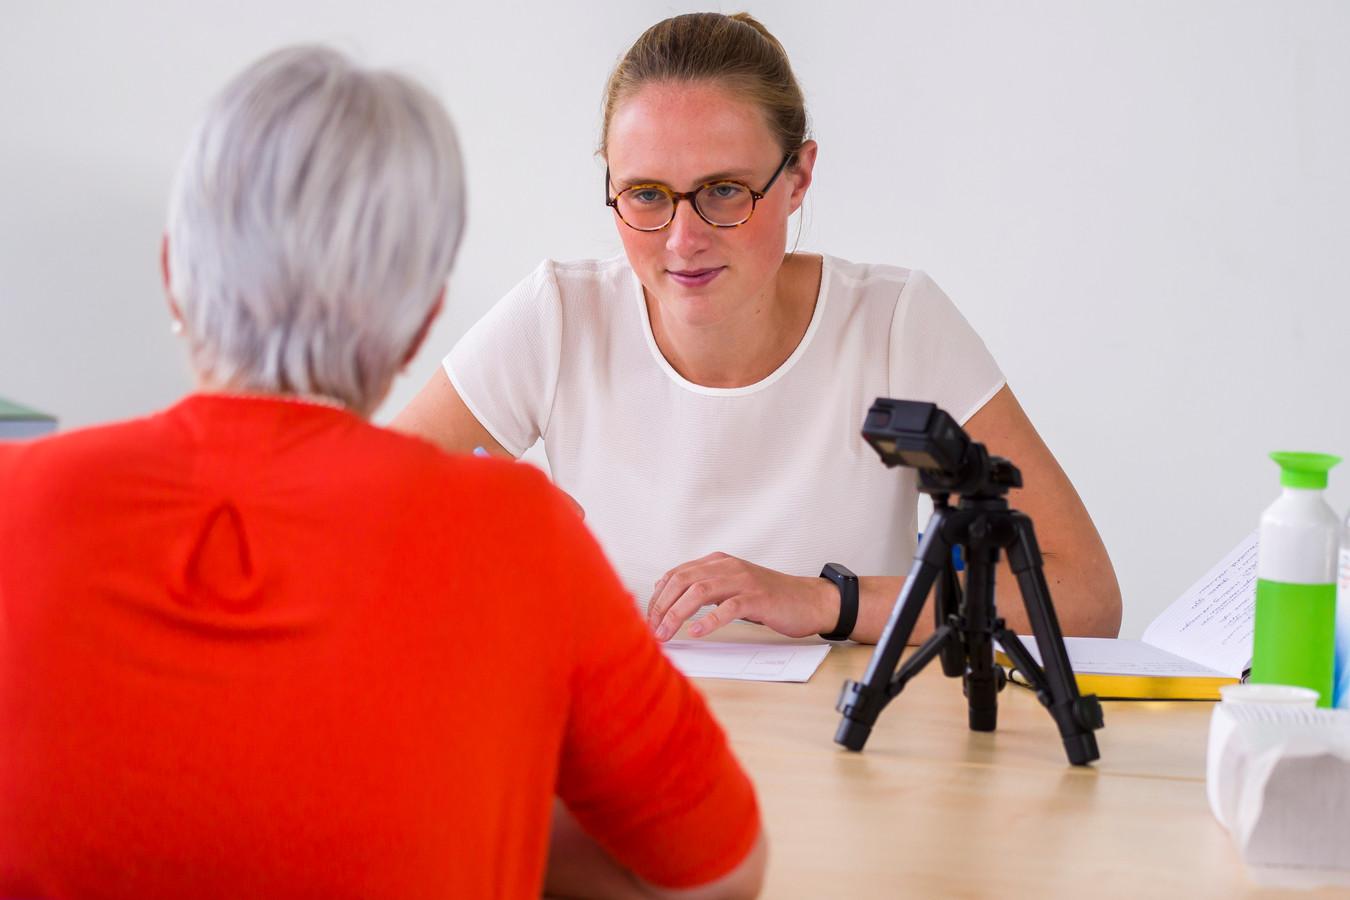 Onderzoekster Maud Schreijer van de Universiteit Twente laat Annemarie de coronameldapp testen.